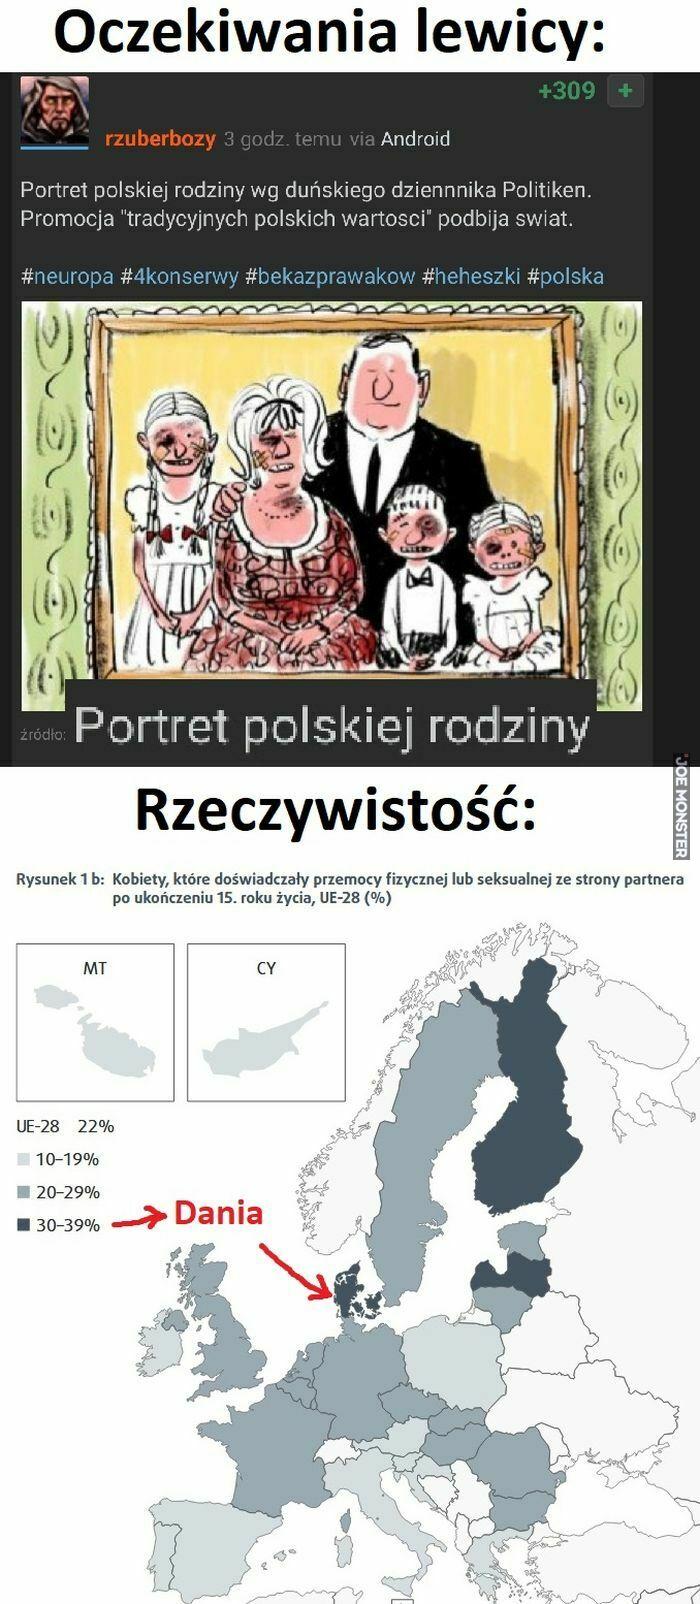 portret polskiej rodziny wg duńskiego